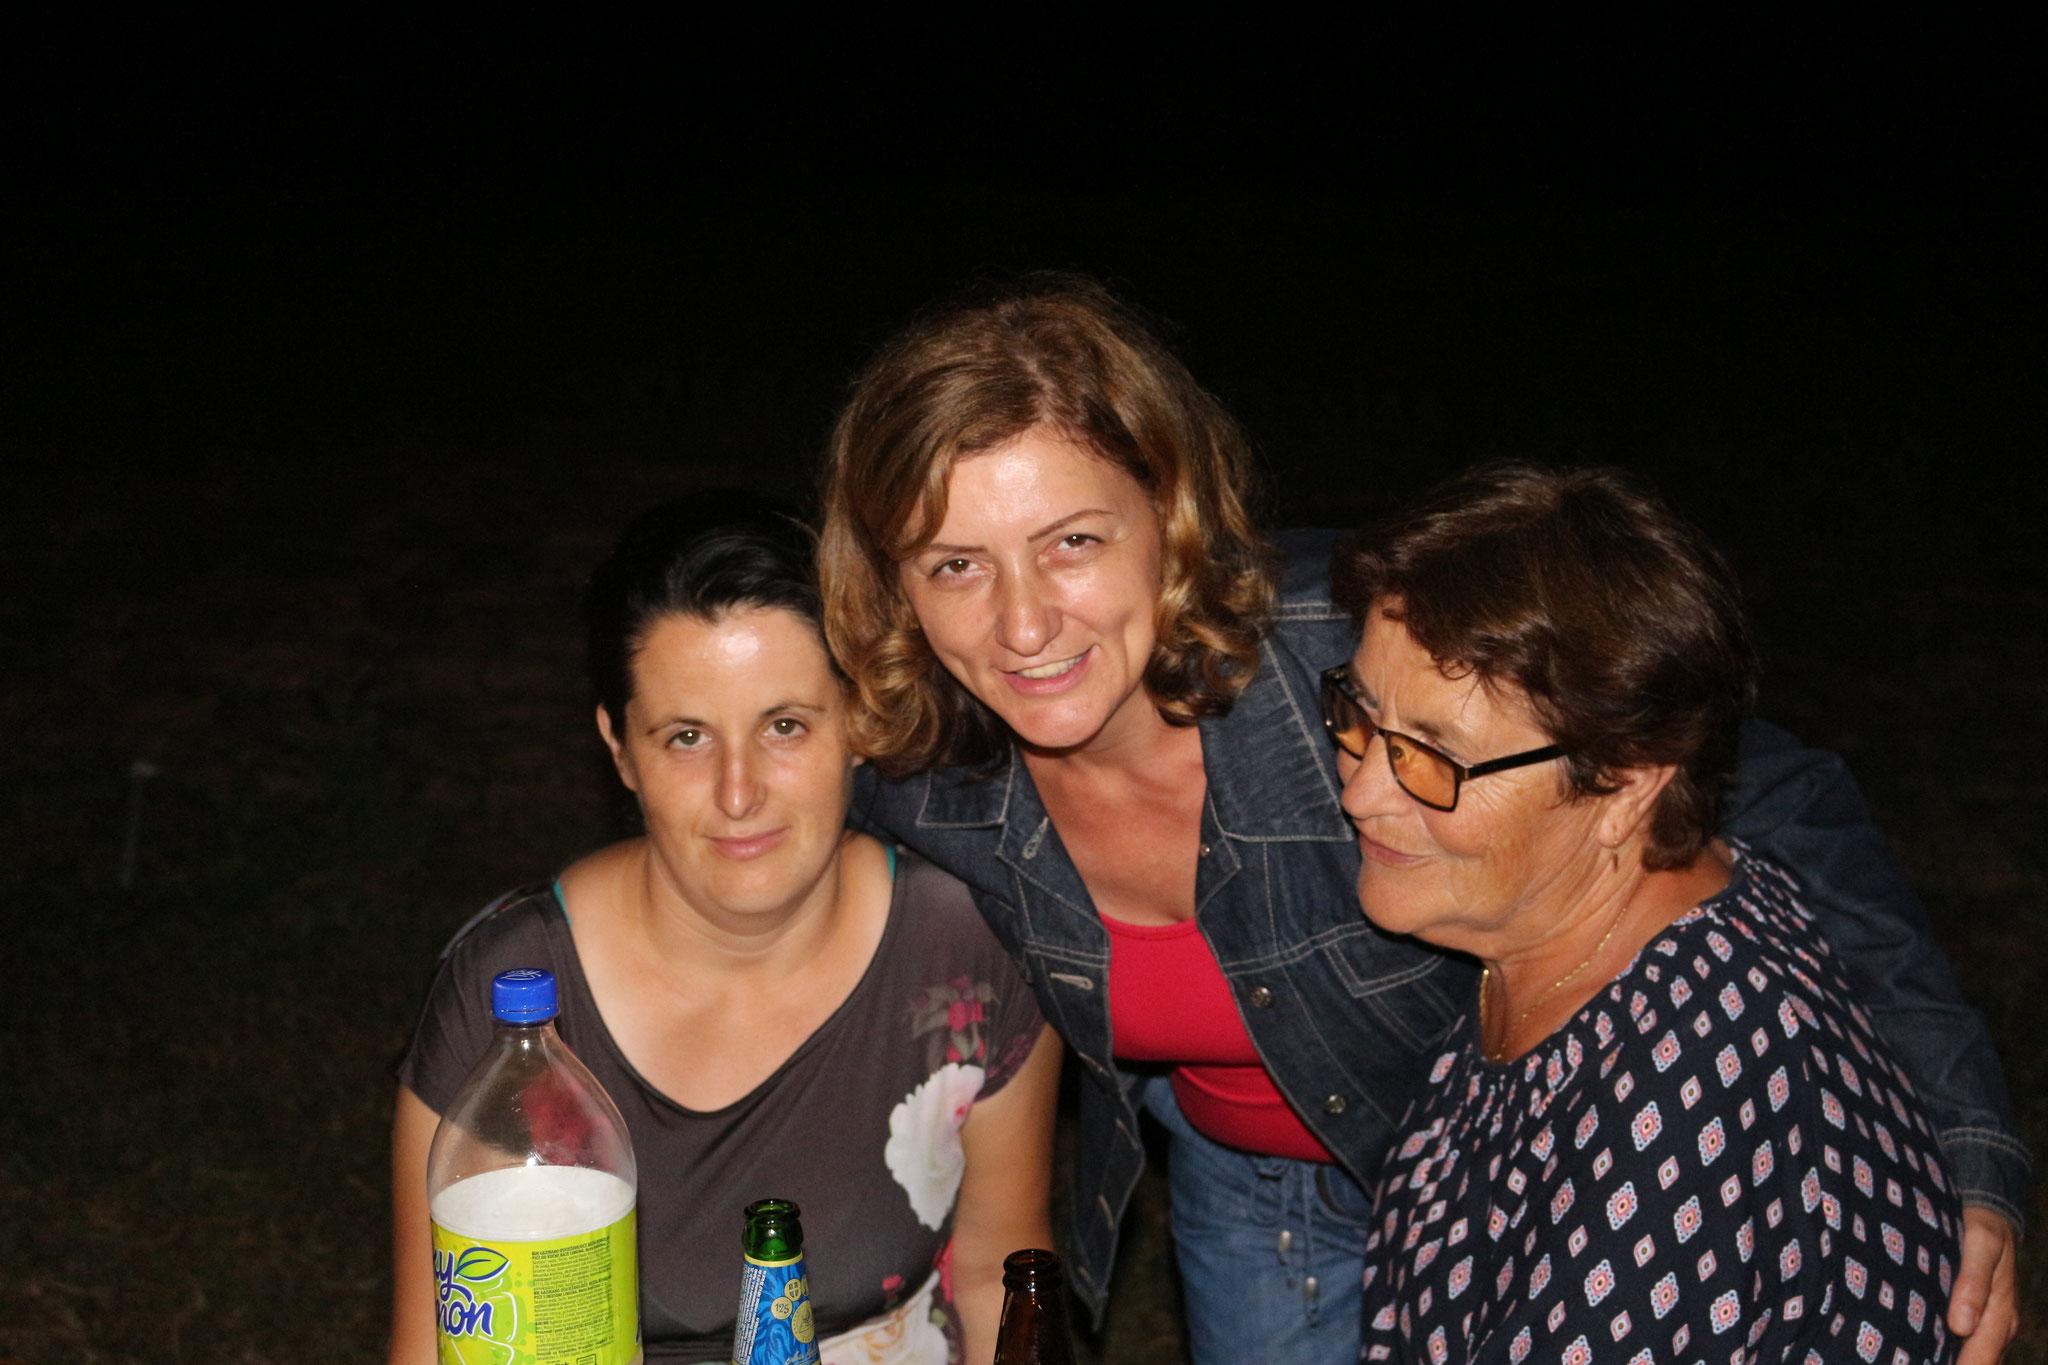 SMILJA,NADA I MARA, svima u zdravlje druženje i ponovo sledeće Godine na istom mjestu...